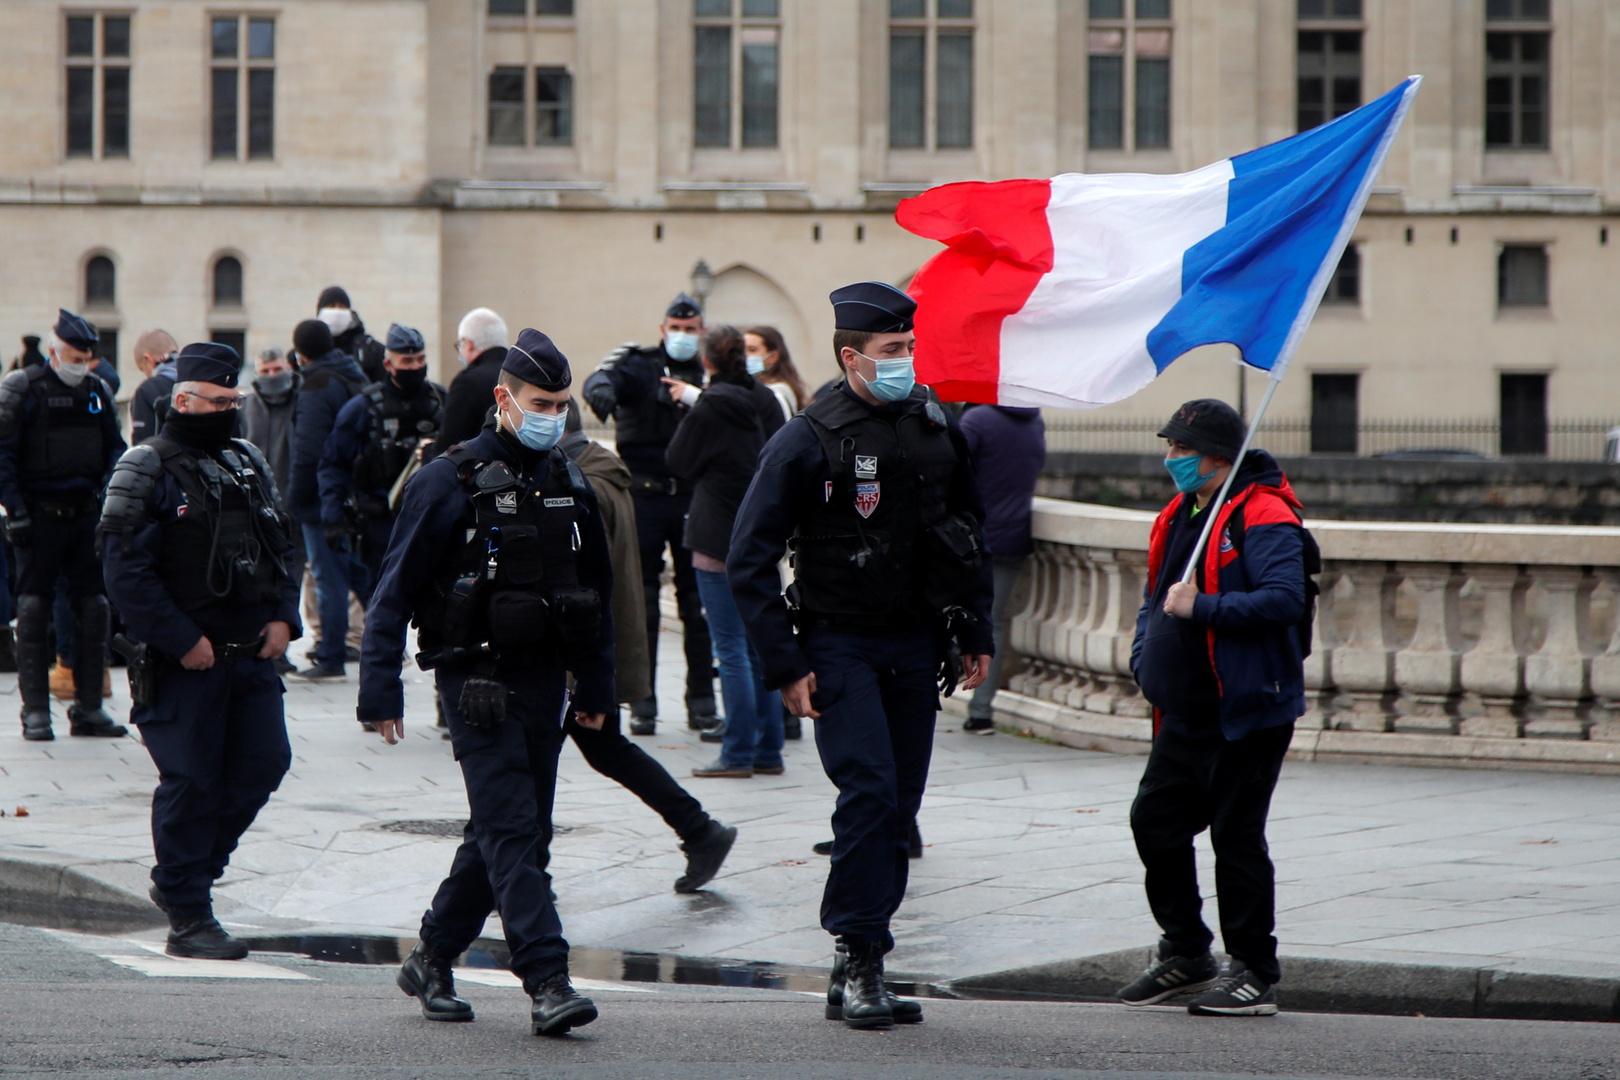 شخص يحمل العلم الفرنسي وبجانيه رجال شرطة في بارس